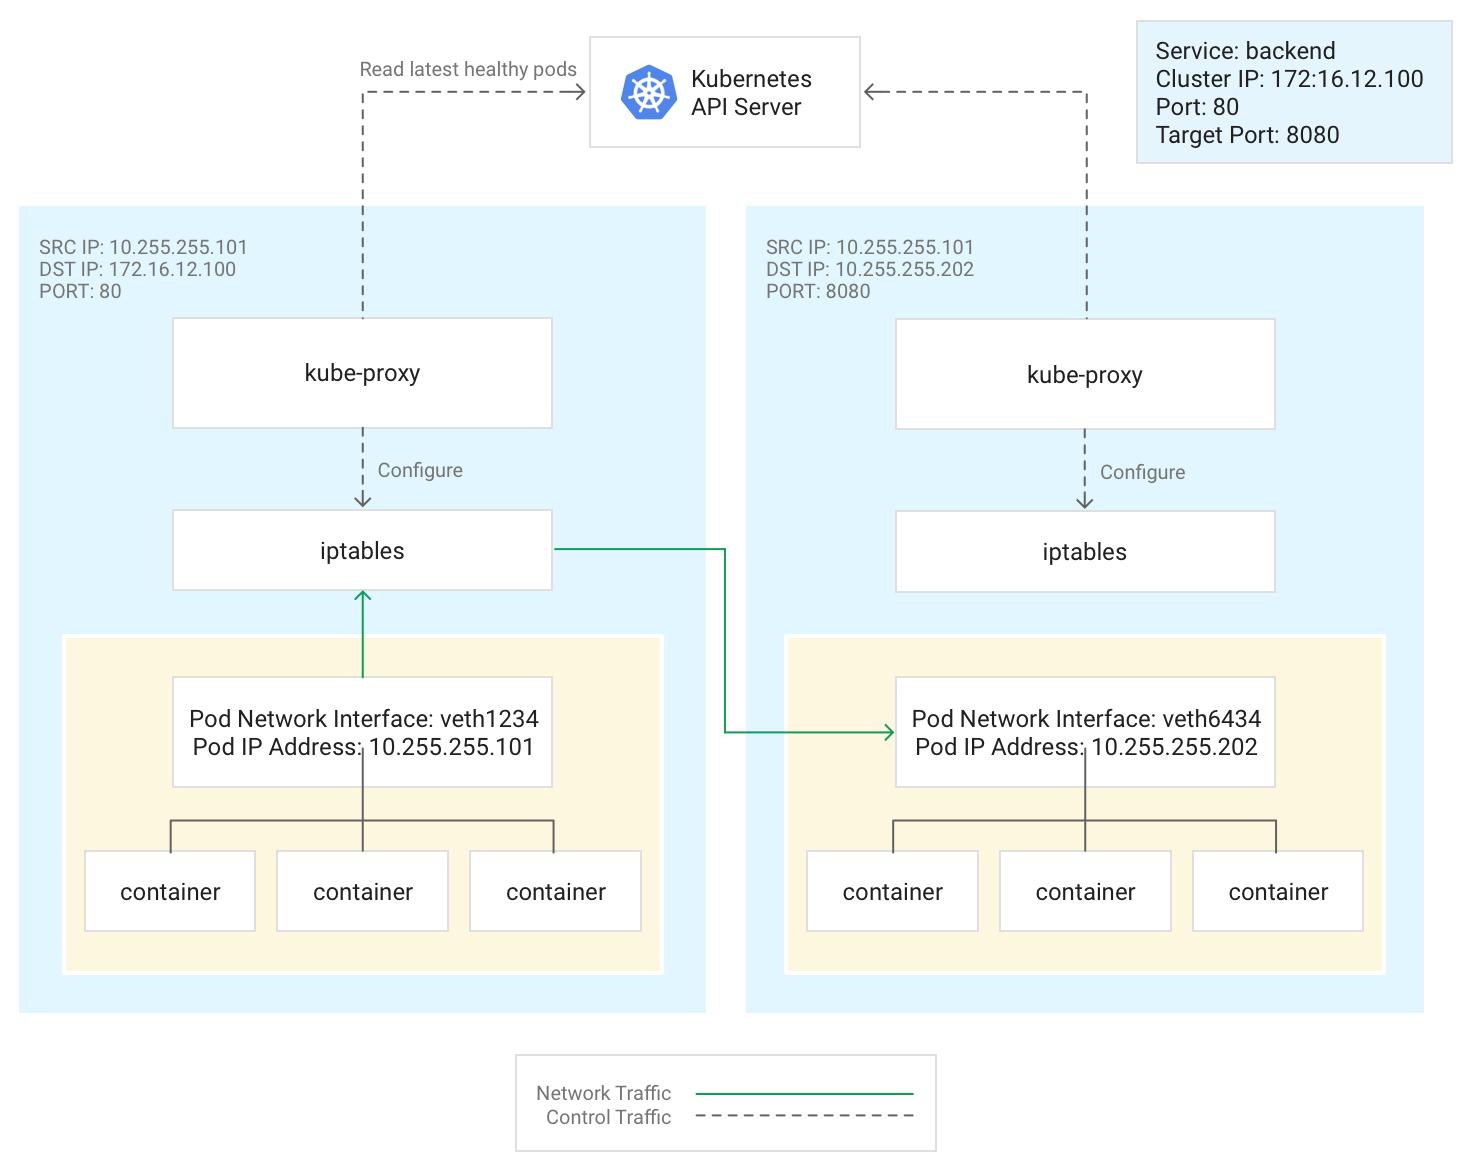 Diagrama ilustrando um cliente se conectando a um Service e sendo encaminhado para um pod, conforme descrito no parágrafo anterior